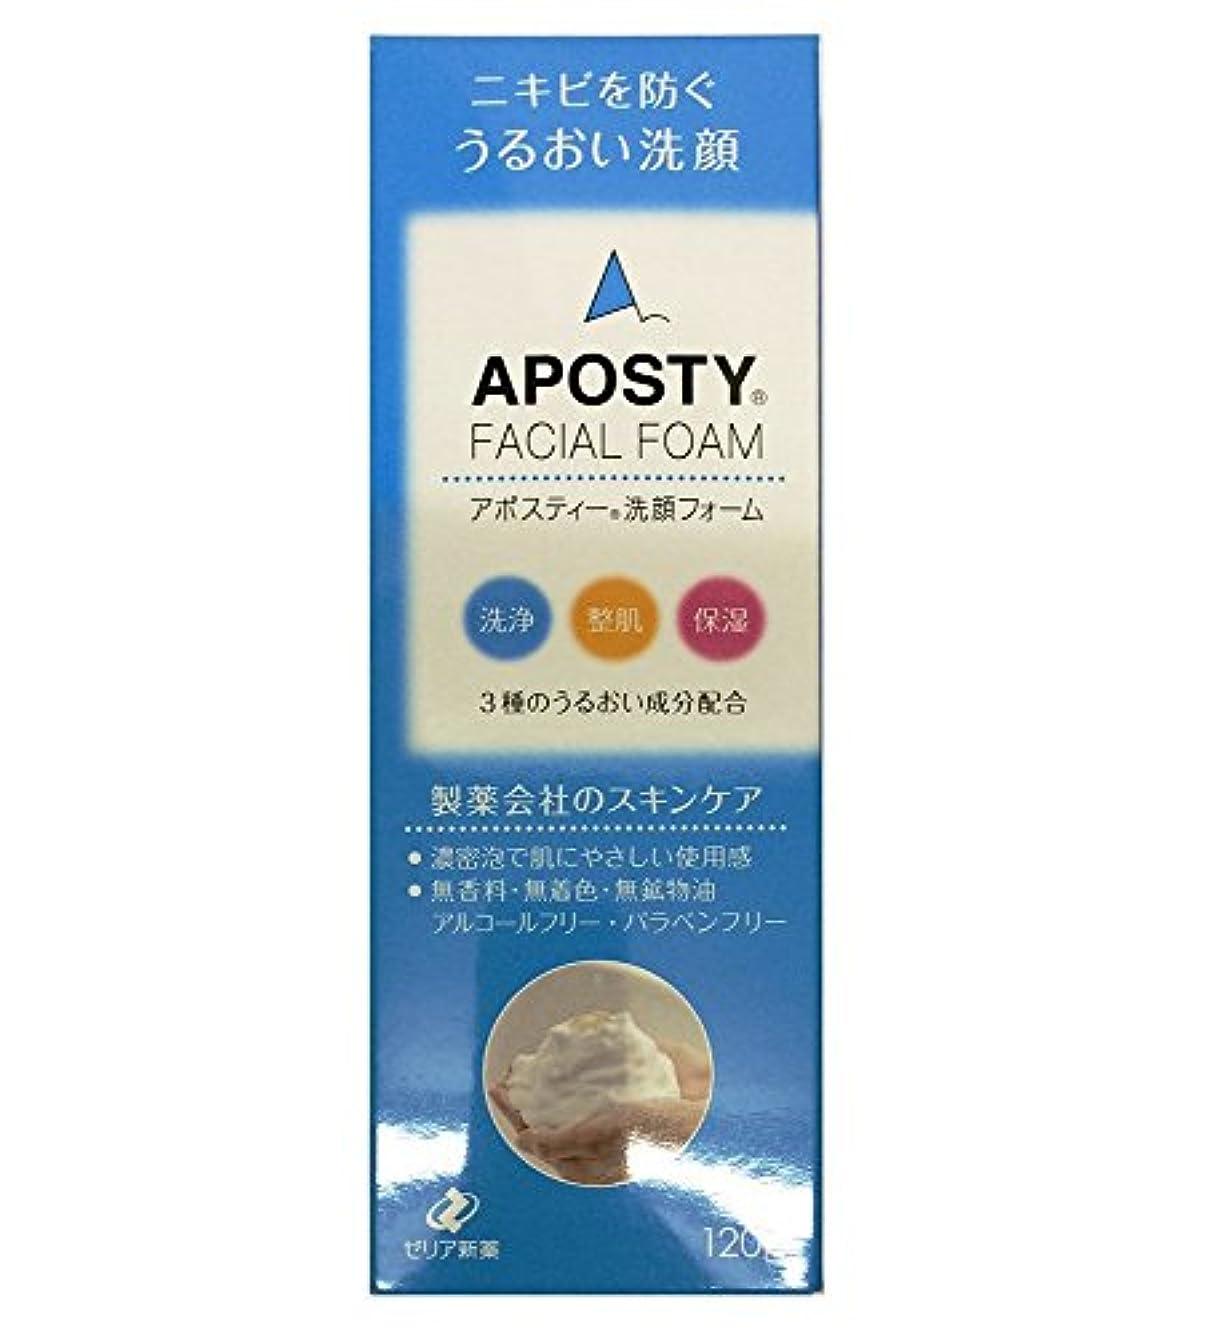 感じる金貸し調査ゼリア新薬工業 アポスティー 洗顔フォーム 120g